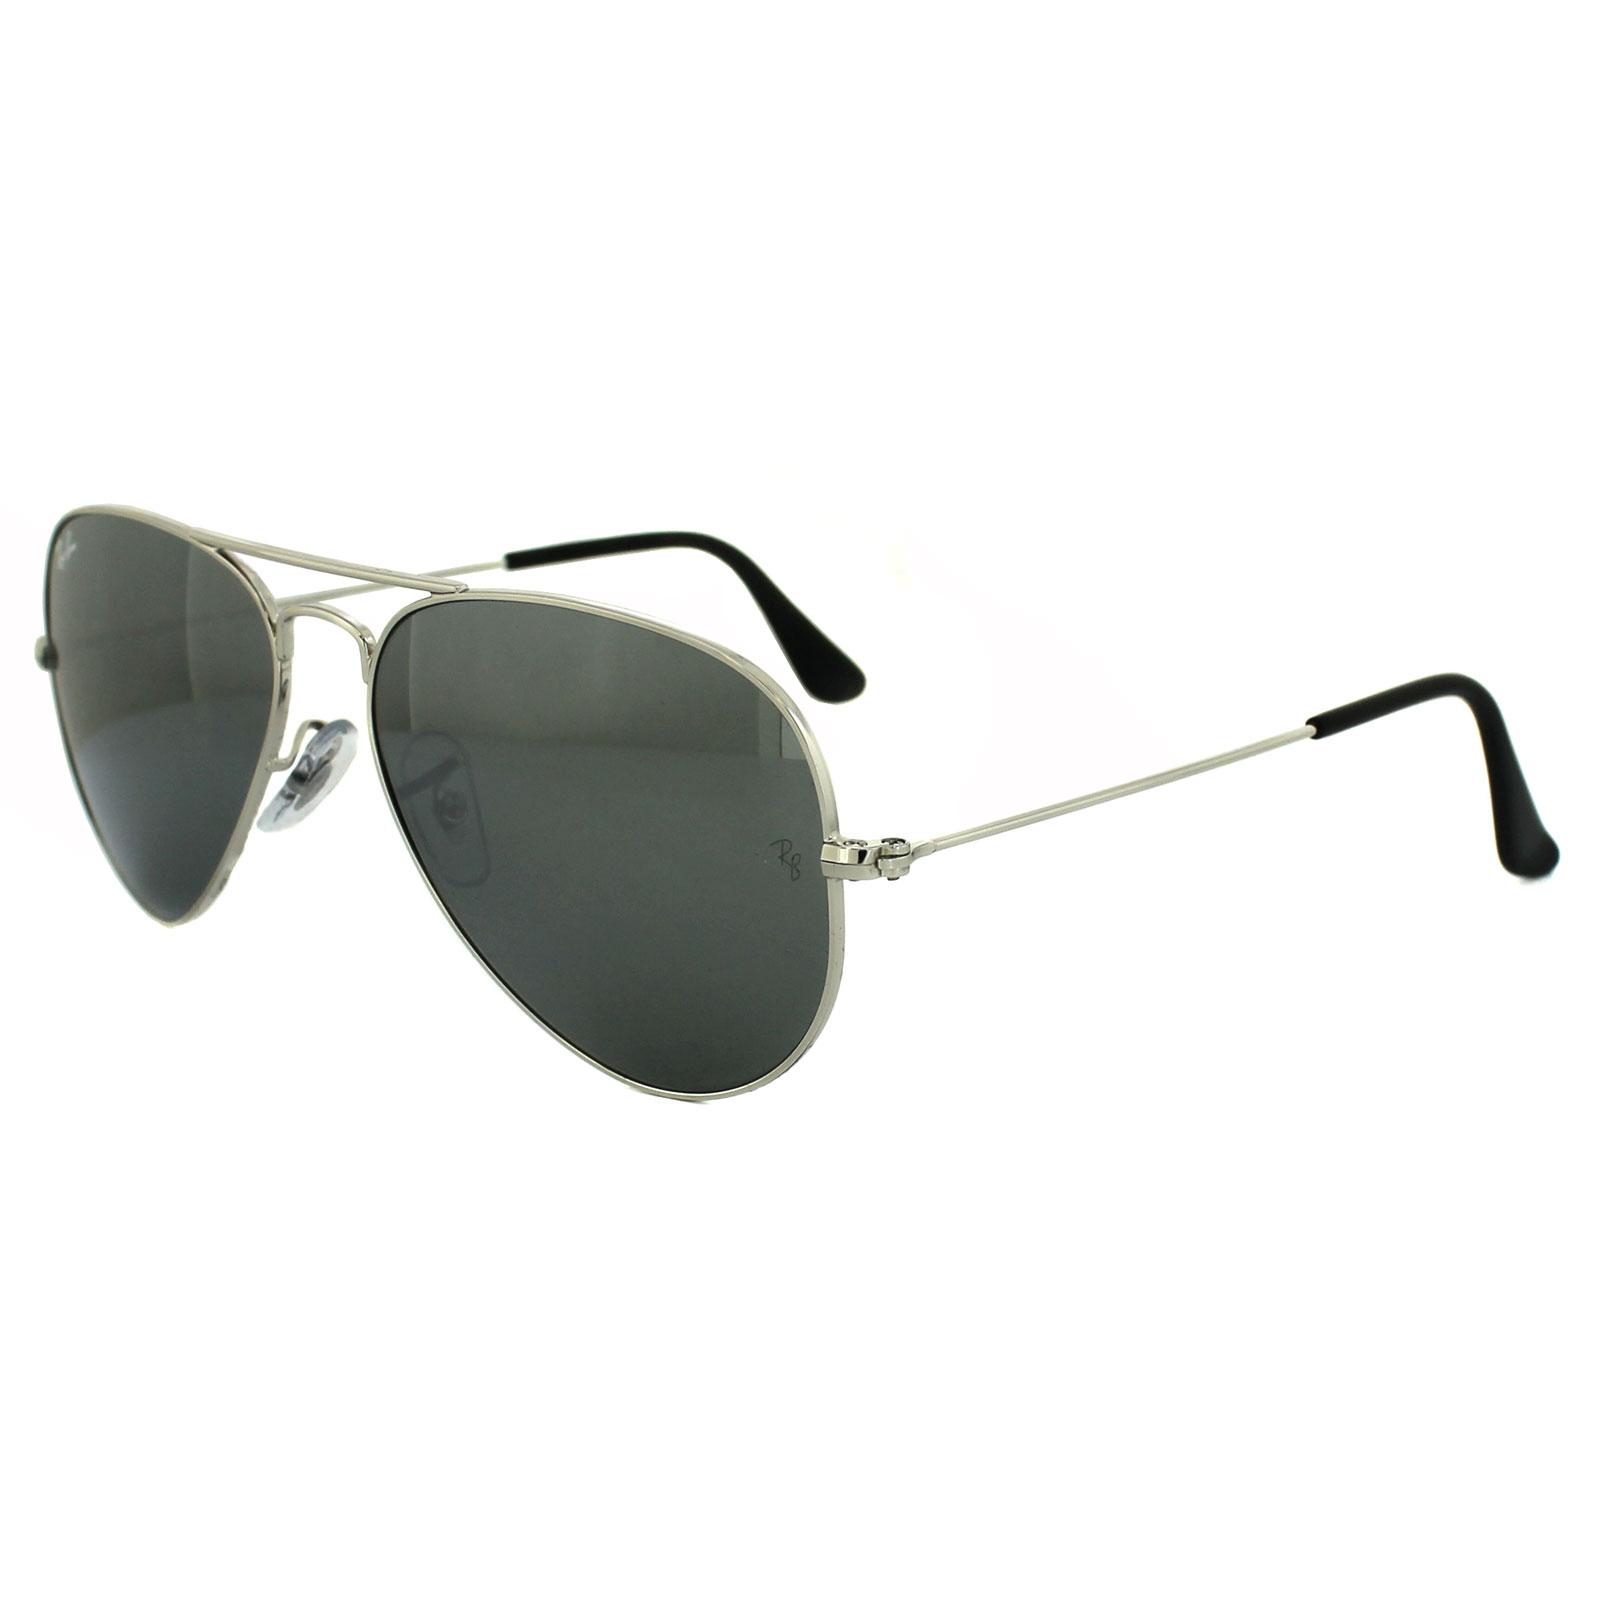 ray ban 3025 silver grey